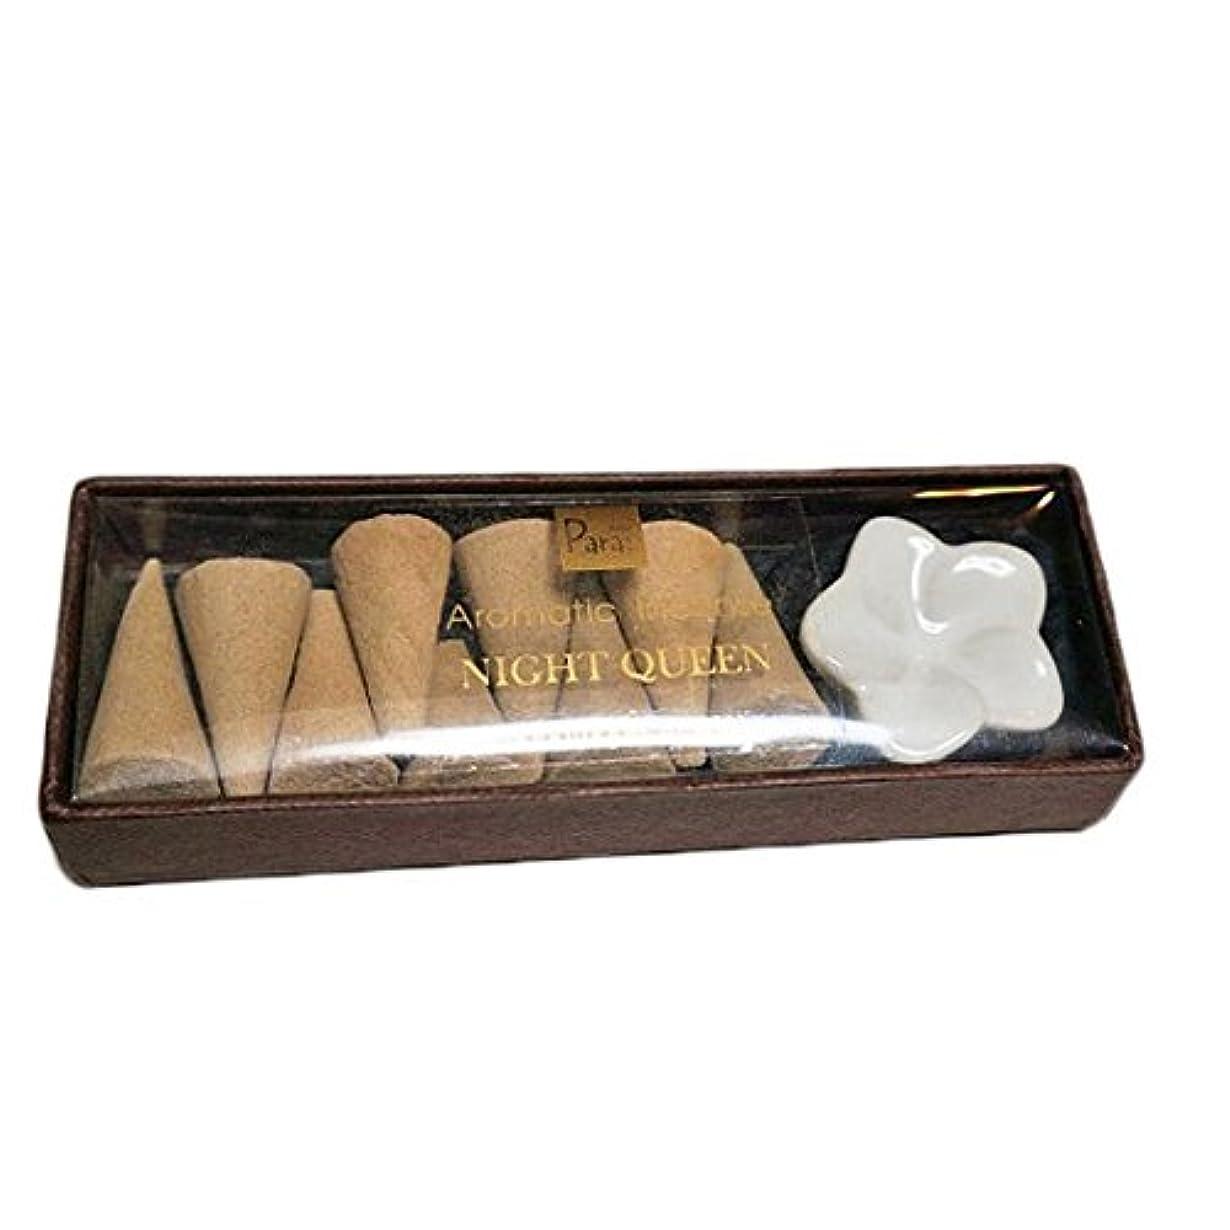 ここに演劇パネルナイトクイーン お香セット【トコパラス TOKO PARAS】バリ島 フランジパニの陶器のお香立て付き ナチュラルハンドメイドのお香